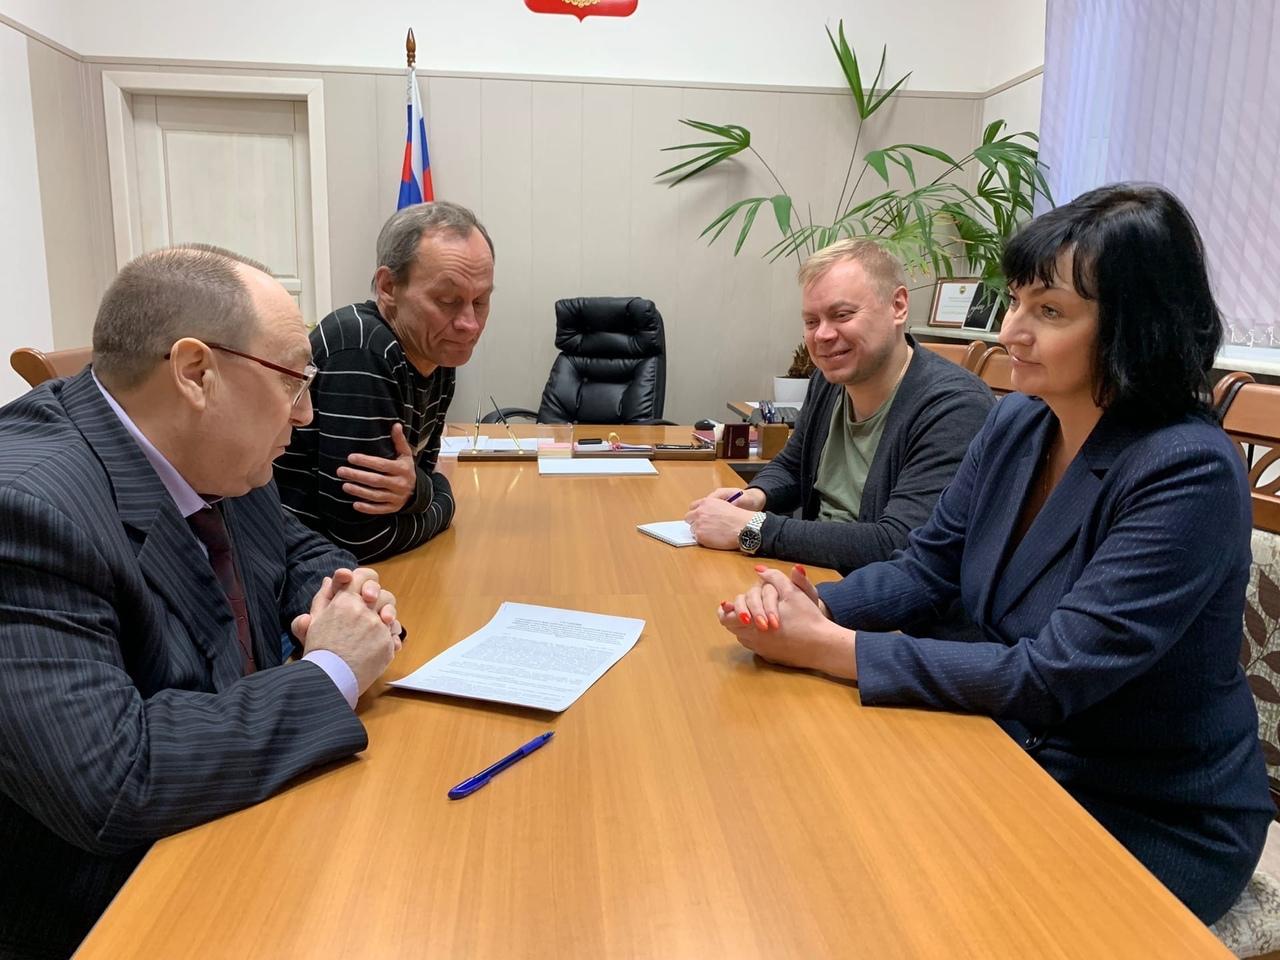 Союз журналистов Кировской области и региональное управление Роскомнадзора подписали Соглашение